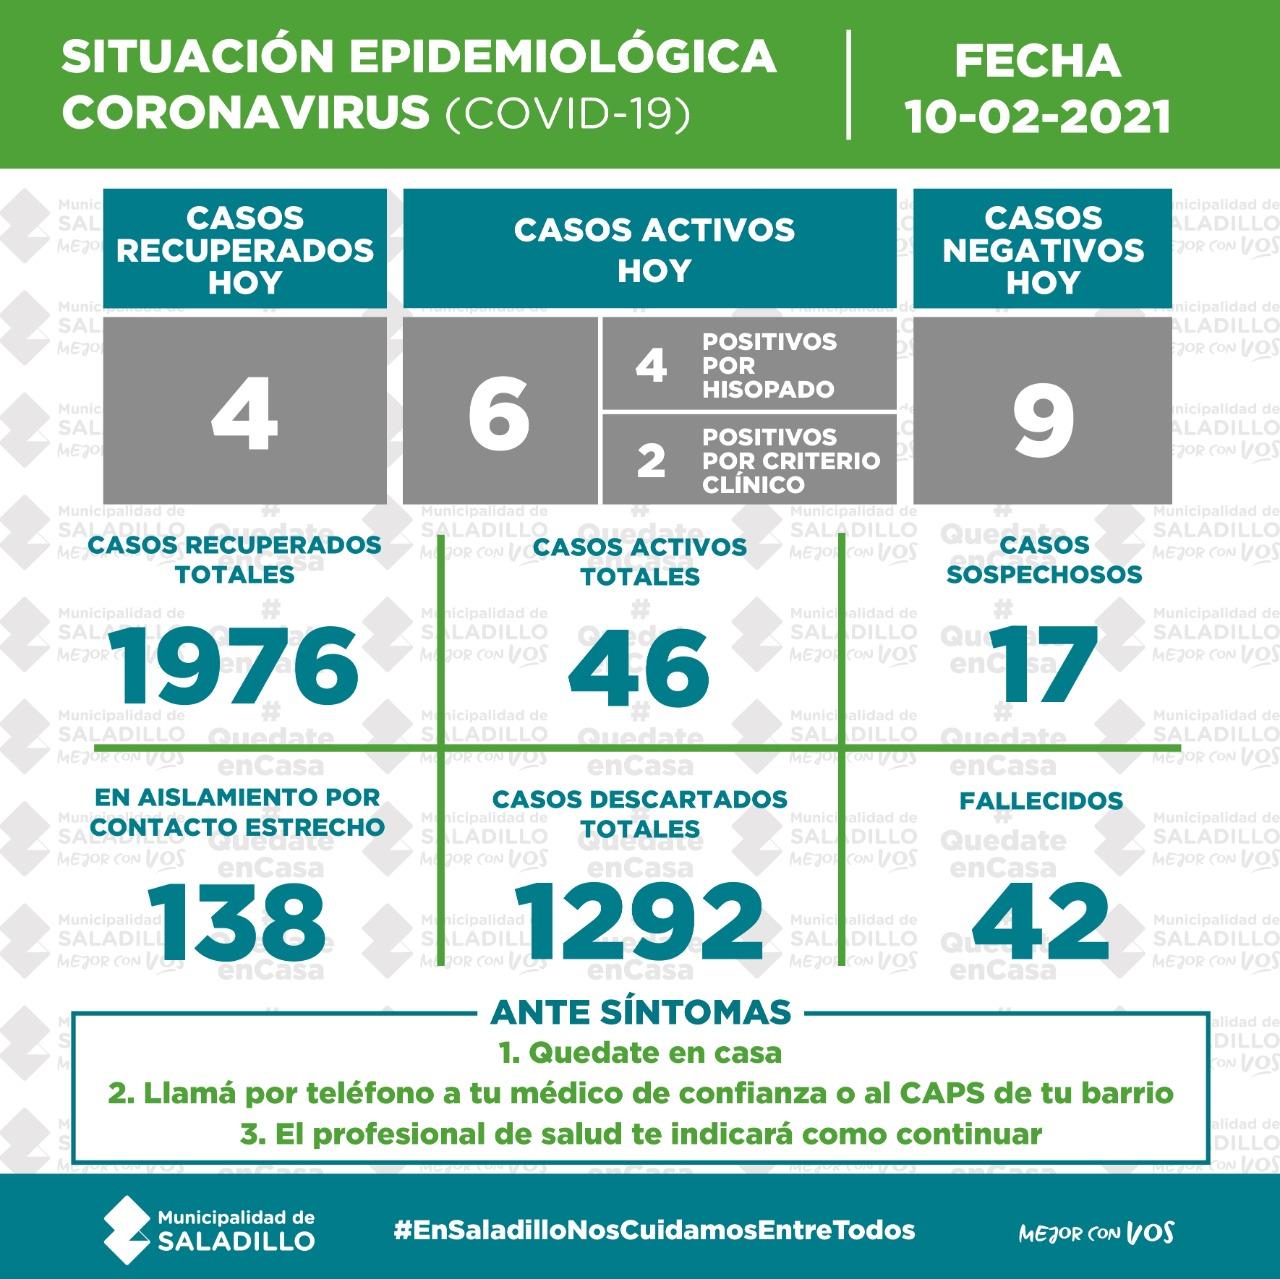 SITUACIÓN EPIDEMIOLÓGICA EN SALADILLO AL 10/02/2021